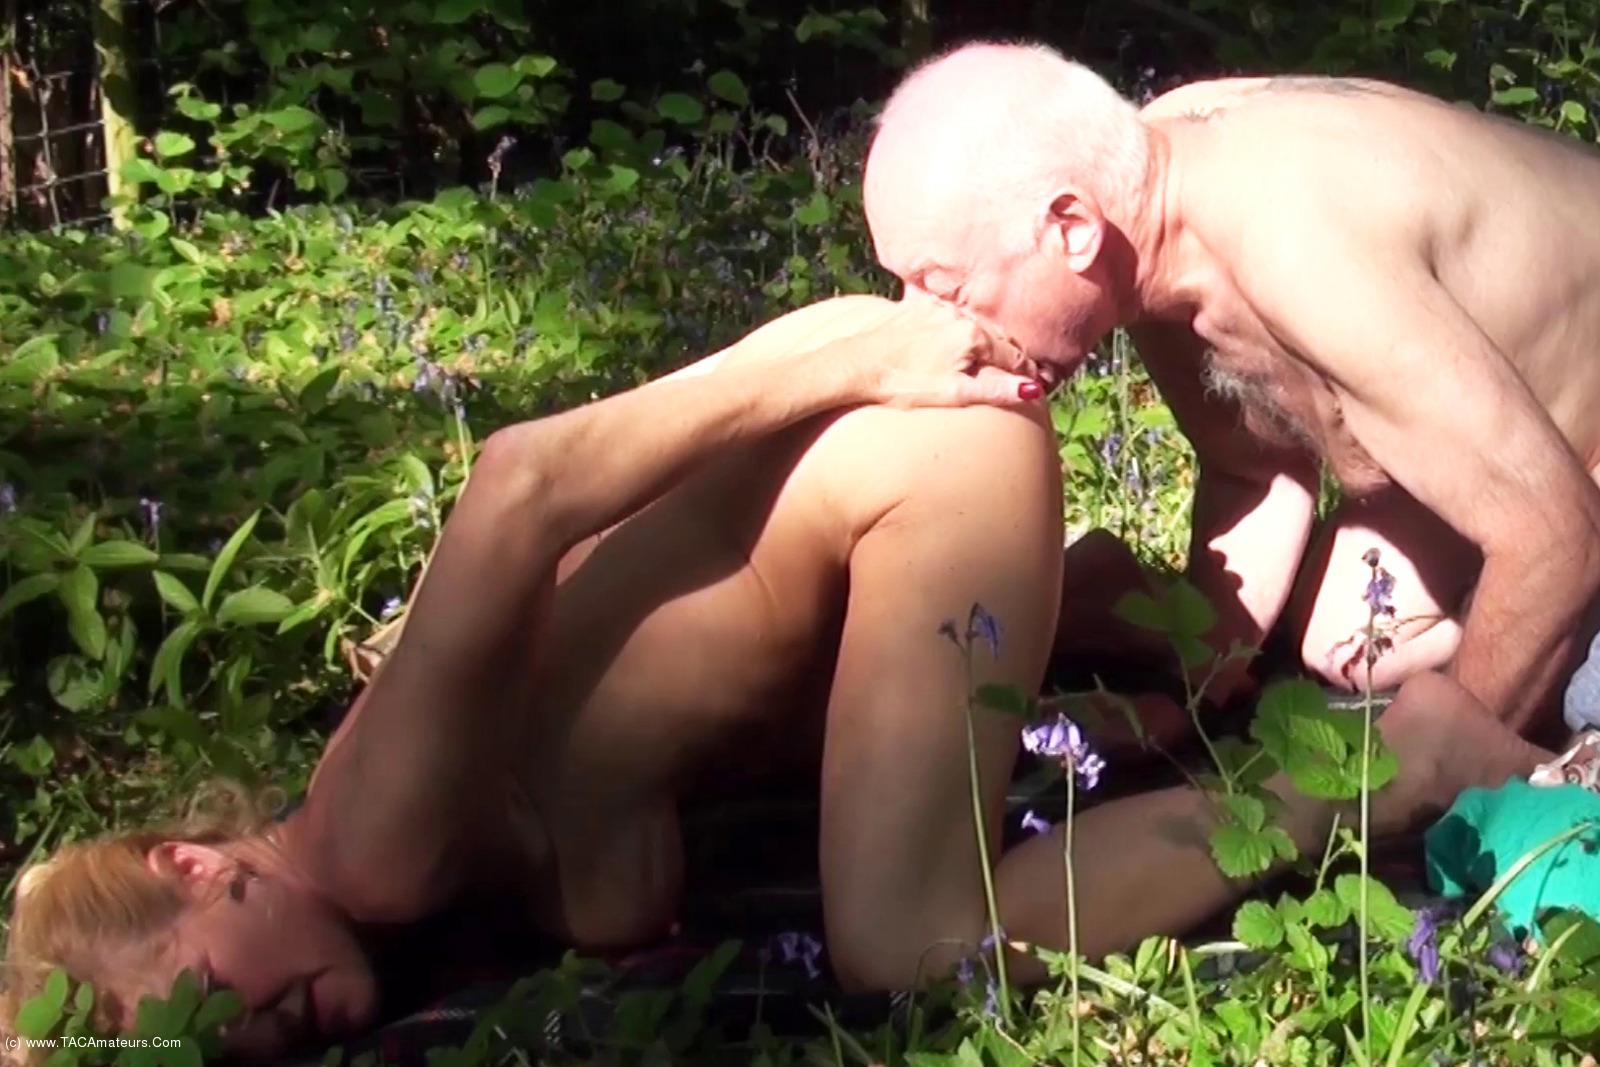 DirtyDoctor - The Watcher In The Woods Pt4 scene 1